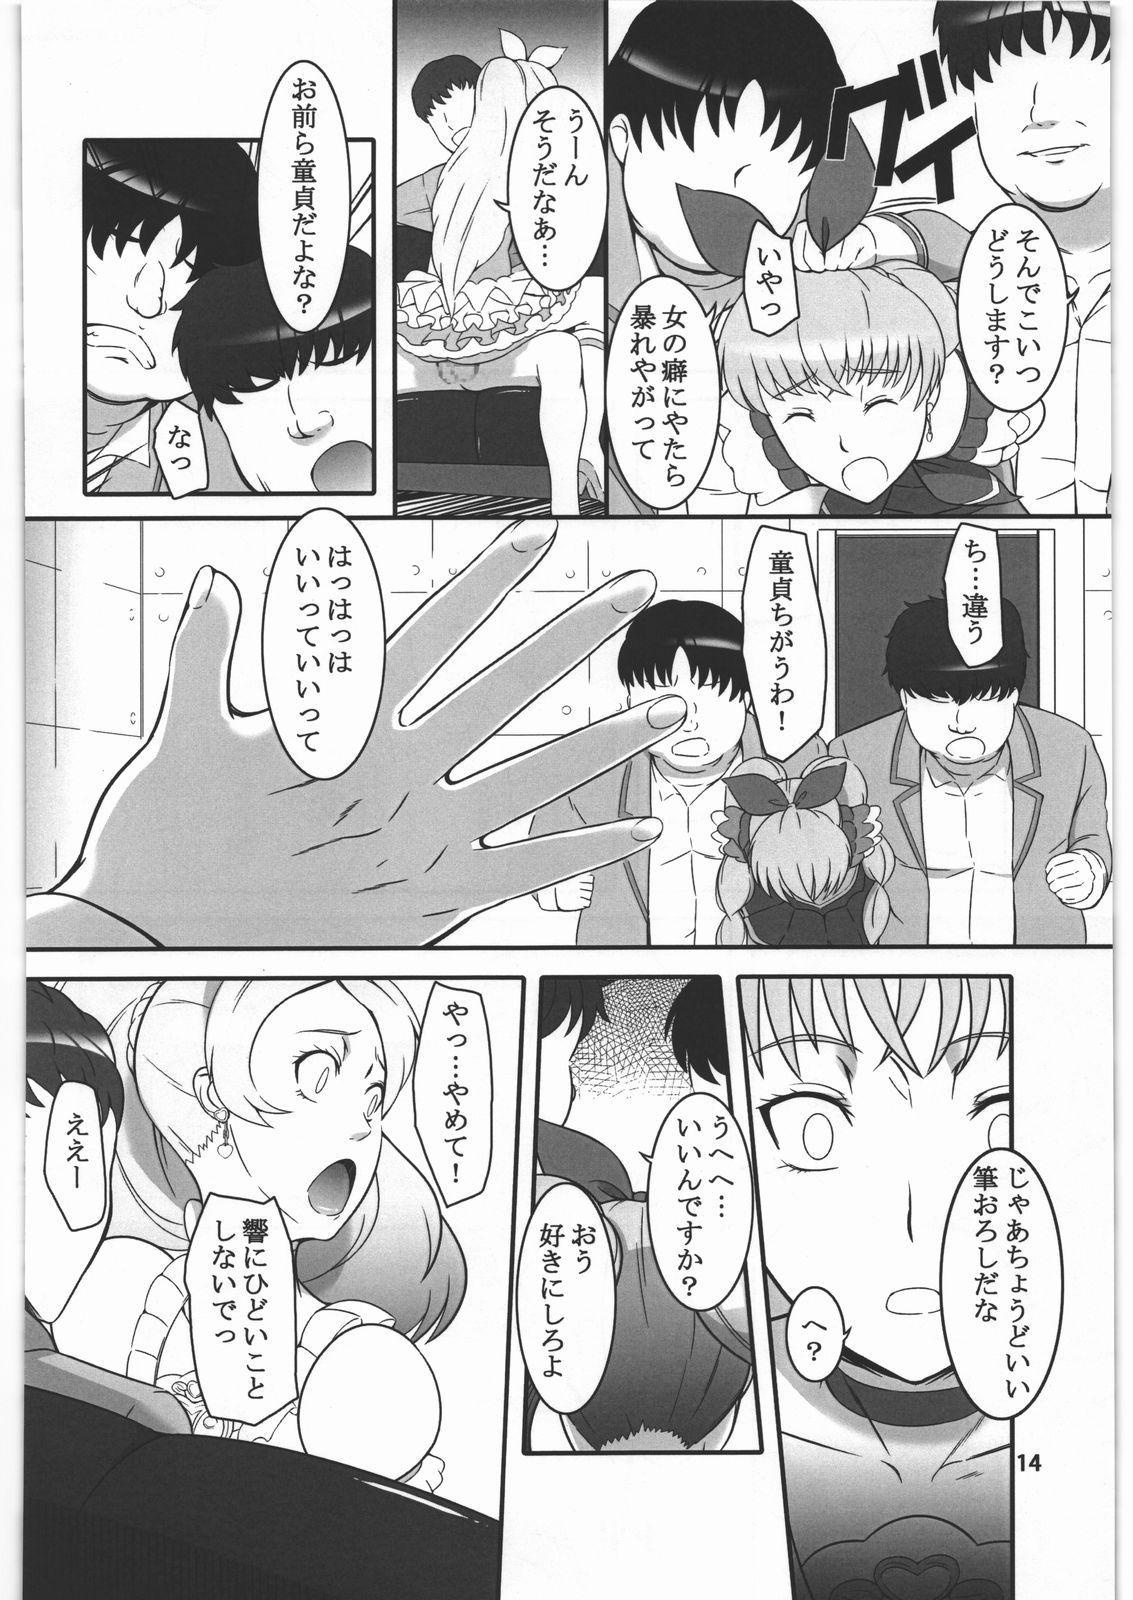 Shichinenme no Uwaki 12